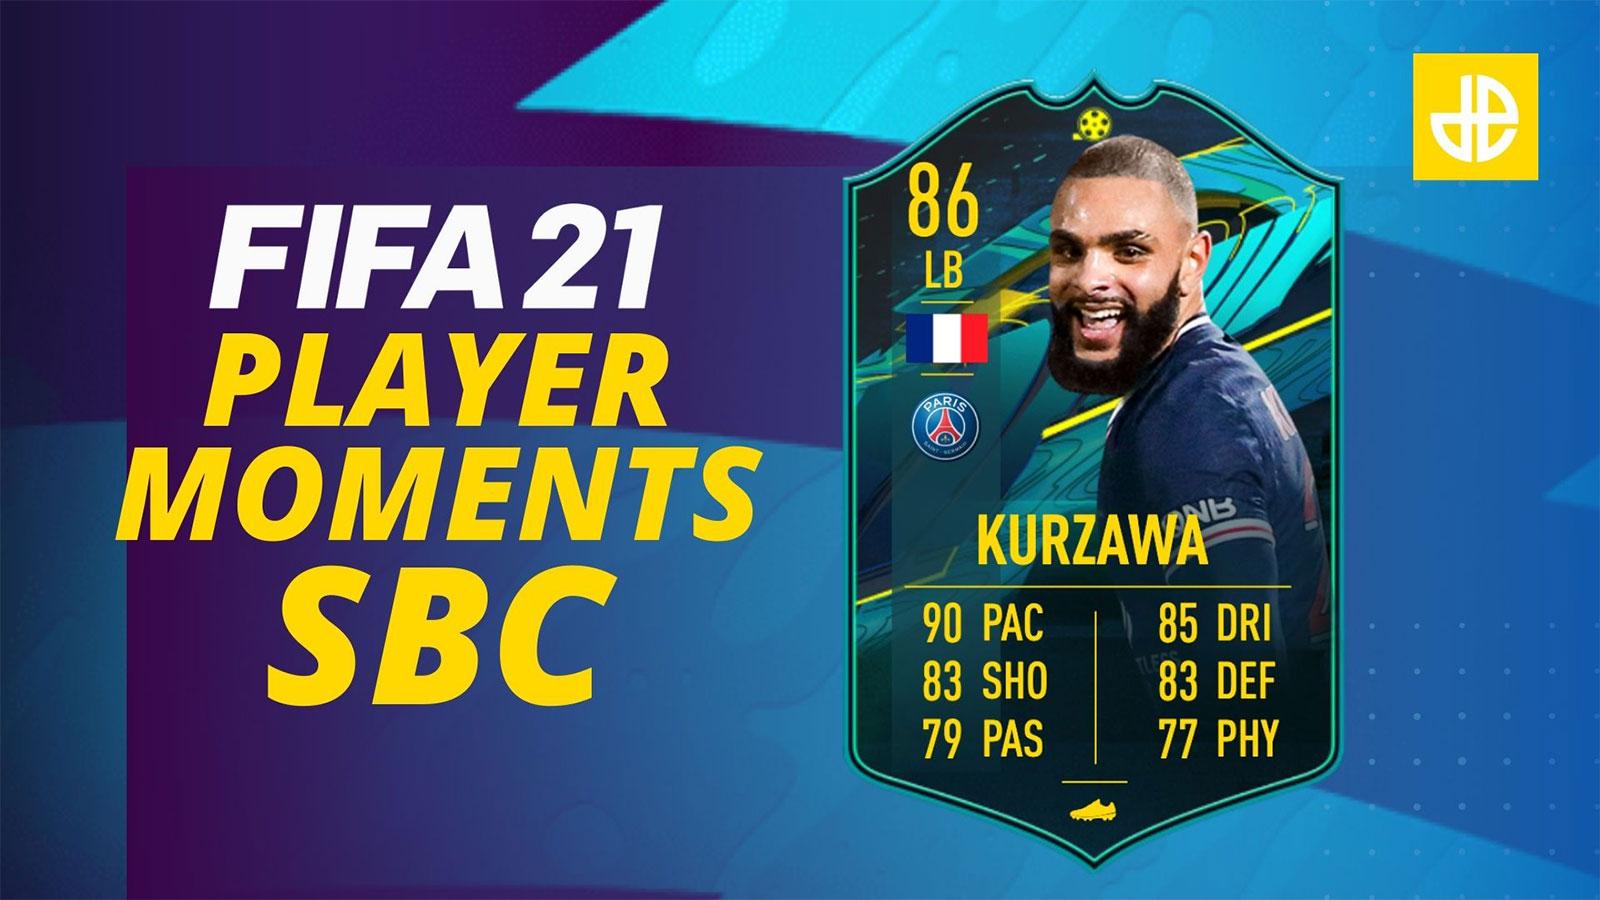 Kurzawa Player Moments SBC